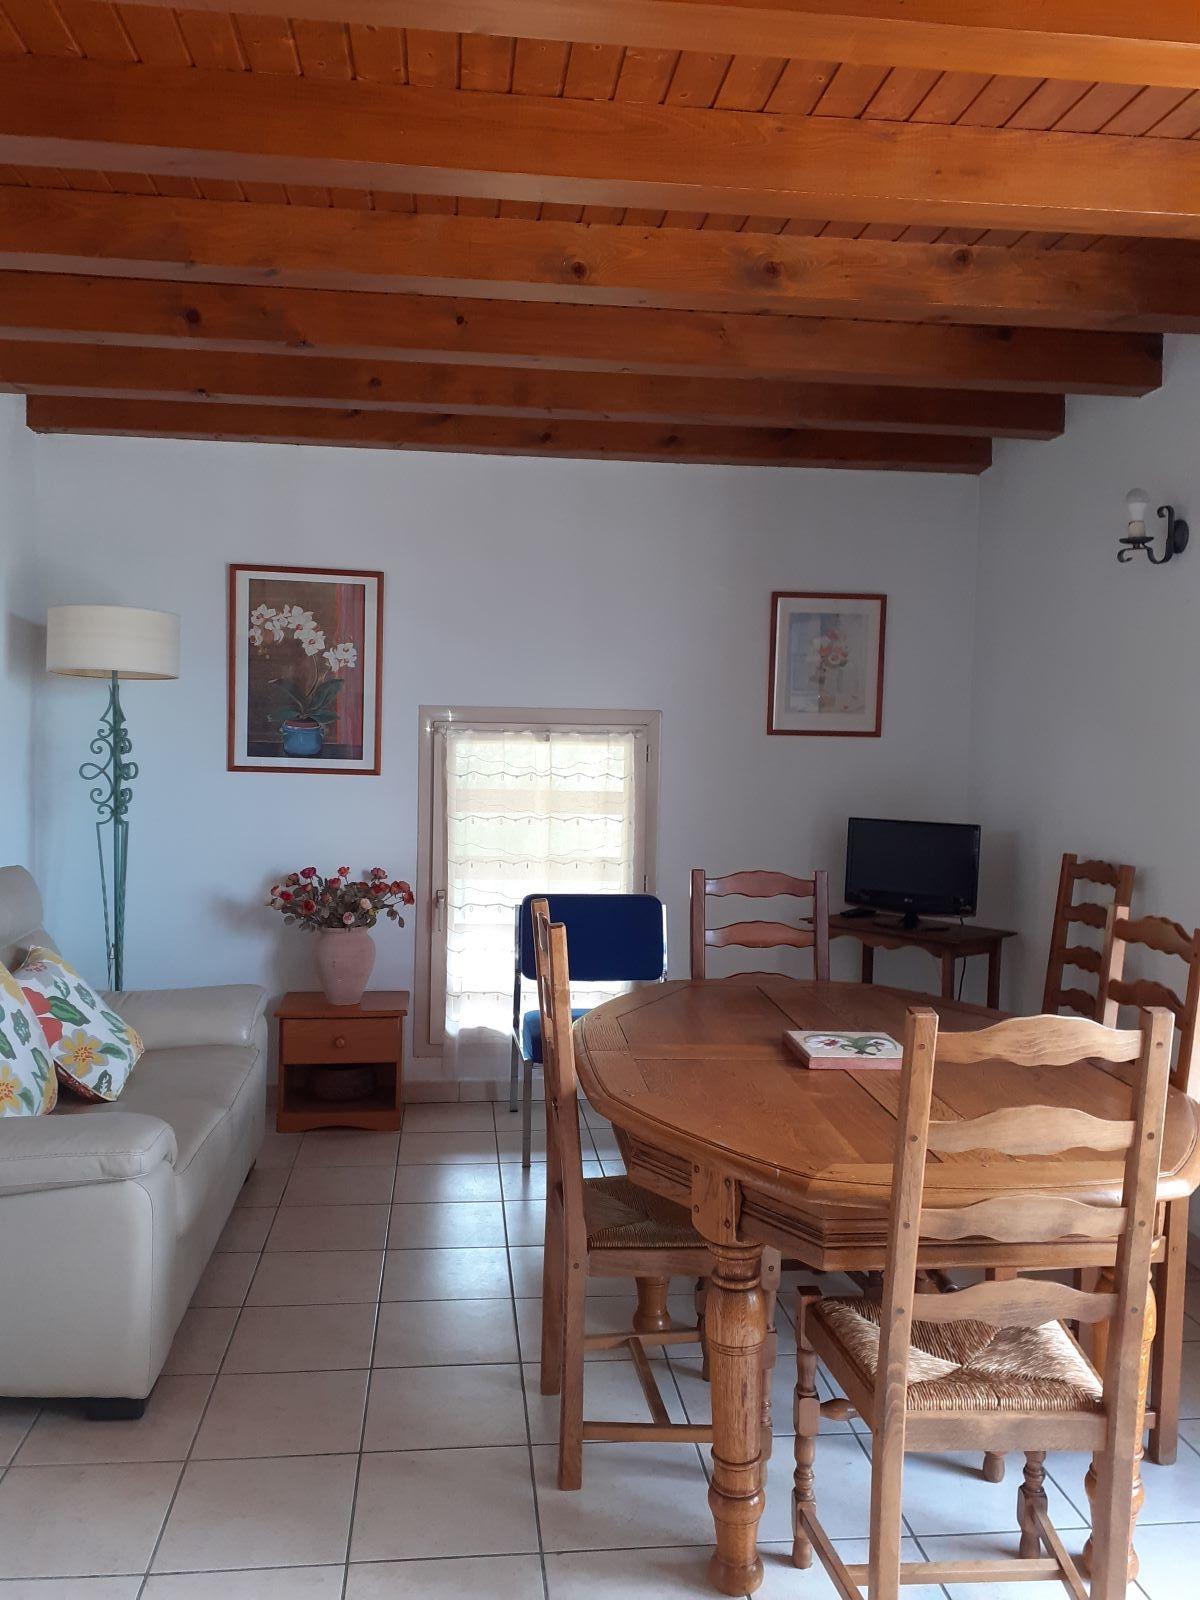 20200713 145023 - ANCELLE T3 MEZZANINE DE 52 m² (6 COUCHAGES)